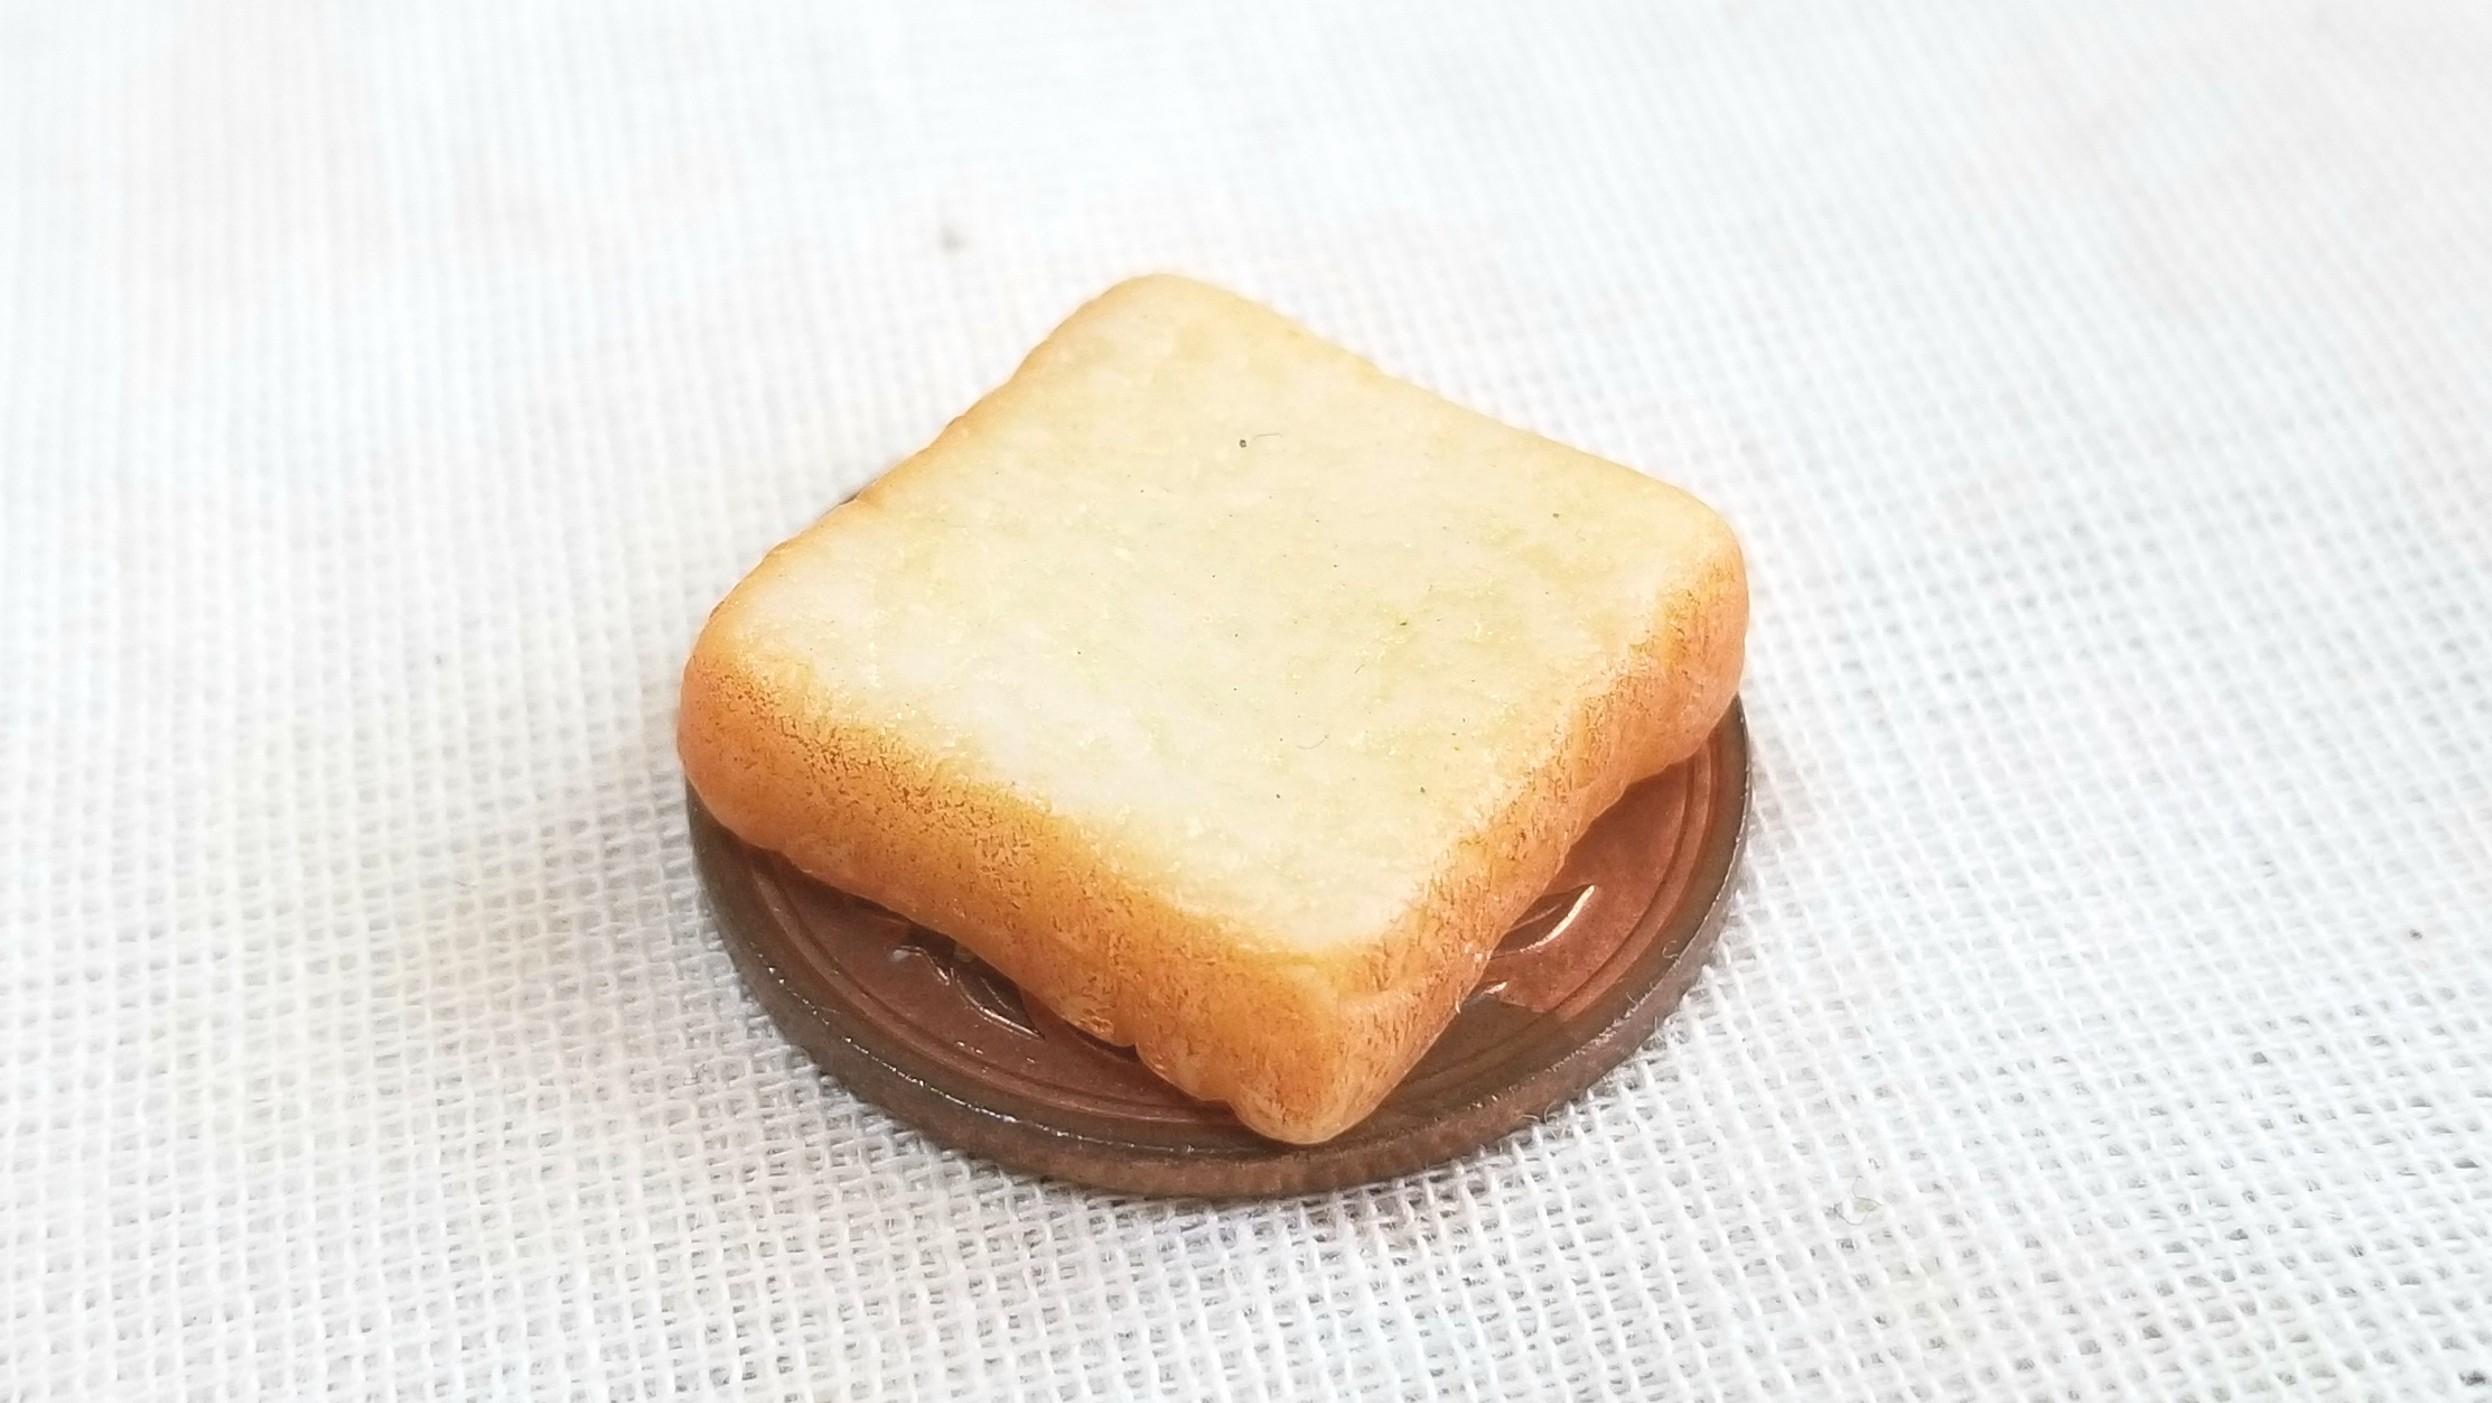 美味しい食パン,ミニチュア,ミンネで販売中,食品サンプル,ドール用